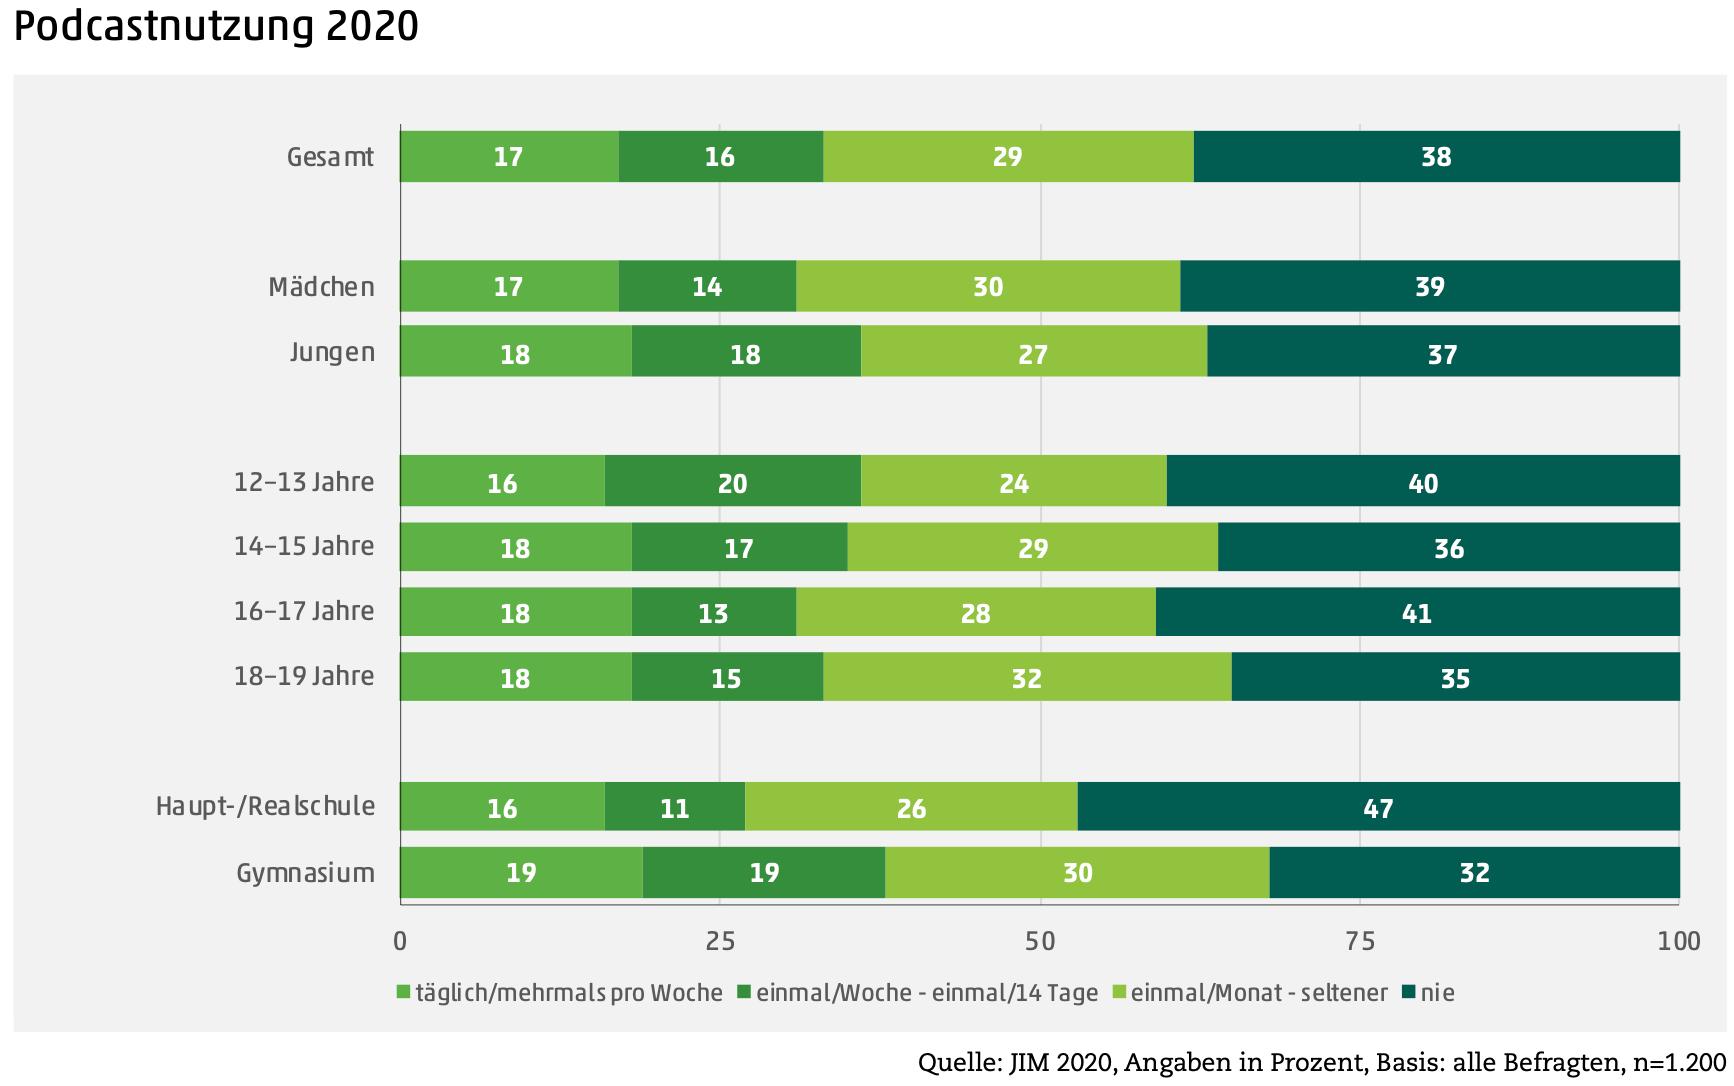 Podcasts haben 2020 einen große Boom erlebt - und das auch unter Jugendlichen. 62% von ihnen hören Podcasts, ein Drittel sogar mindestens wöchentlich.